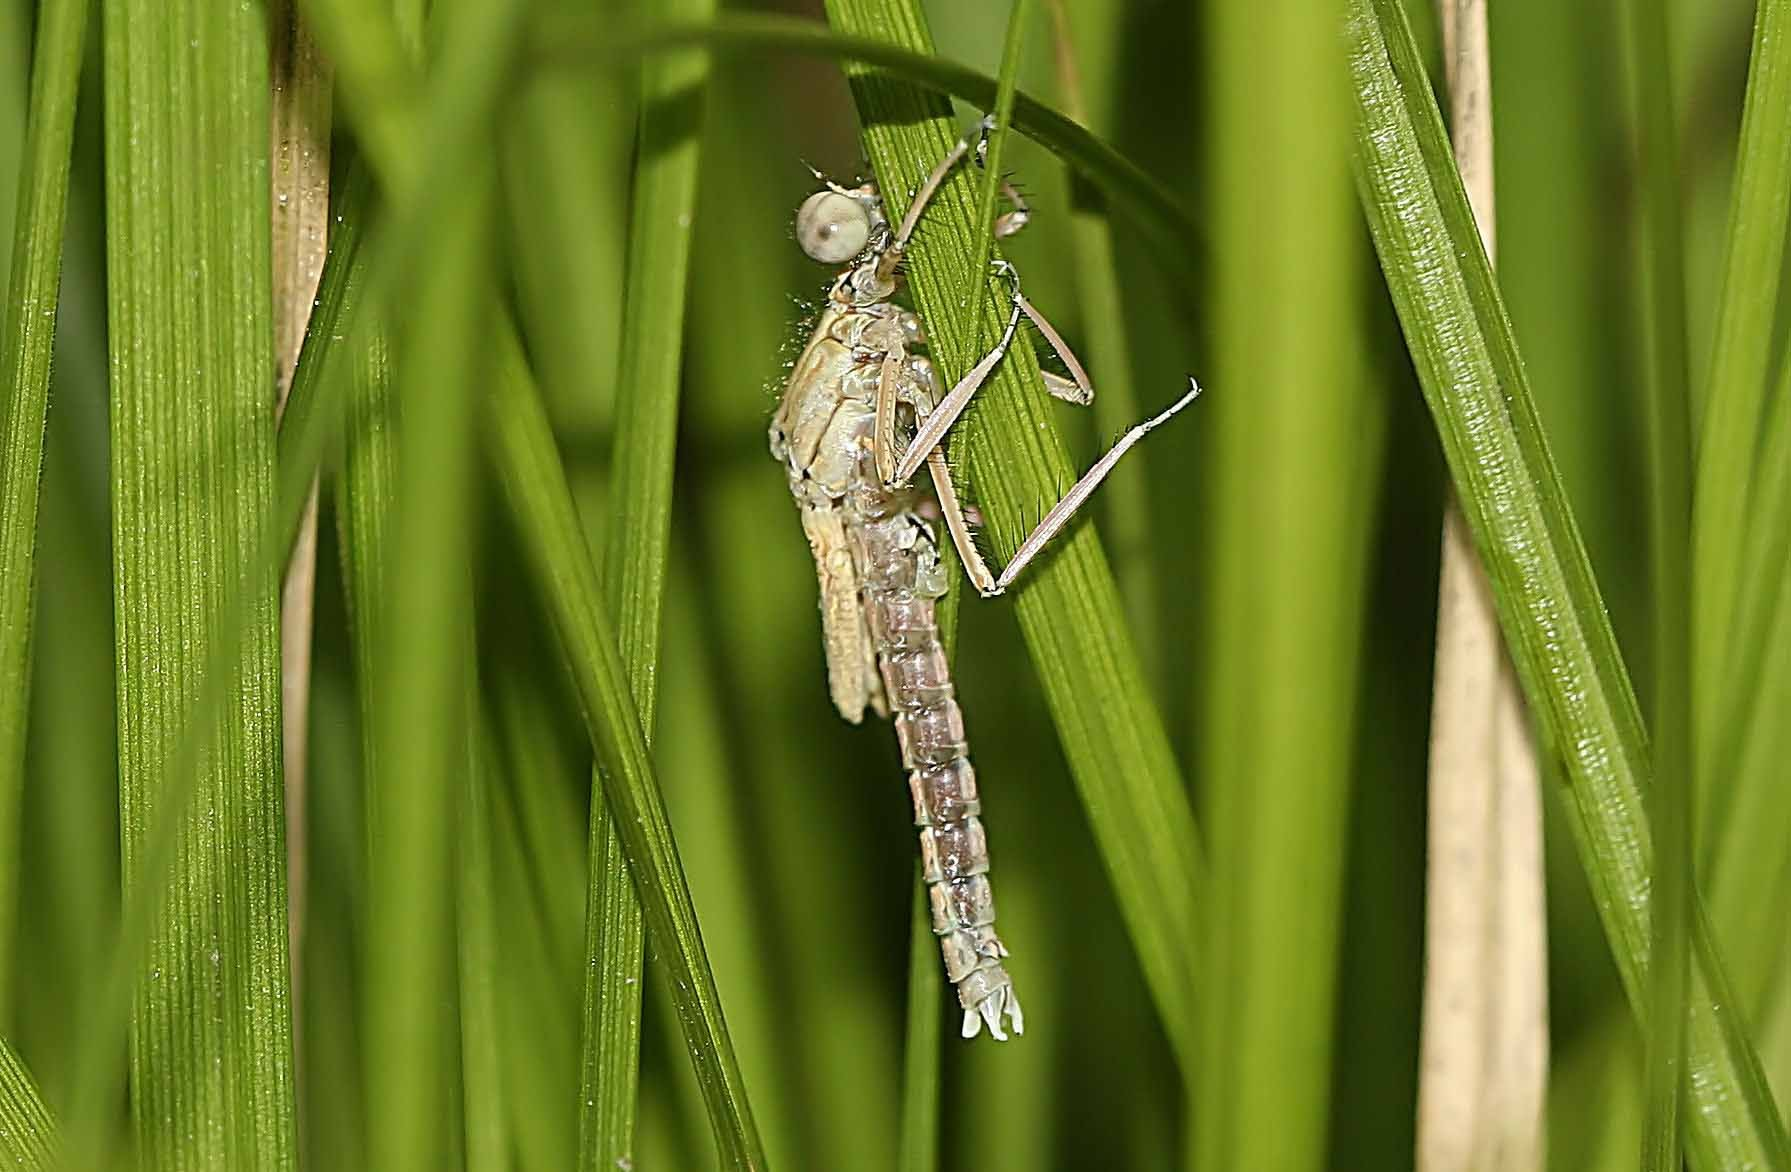 Gleich darauf sucht die junge Libelle Schutz in der dichten Vegetation.